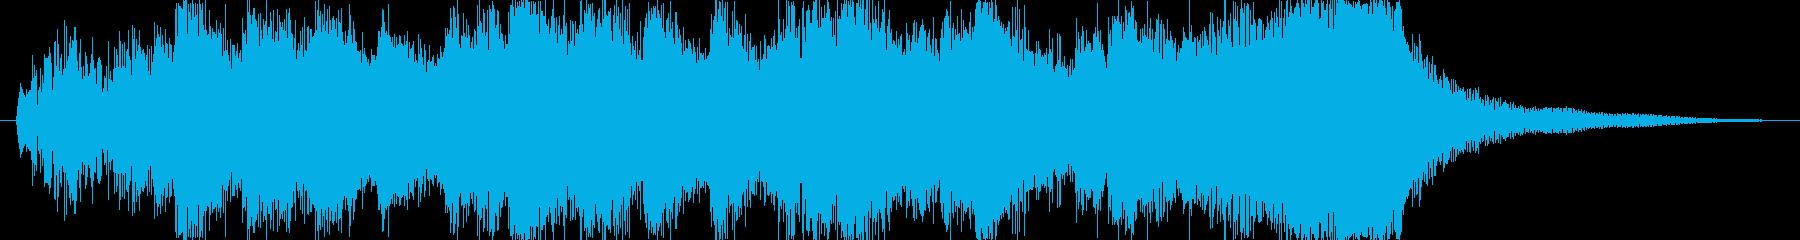 イベントオープニングジングルの再生済みの波形